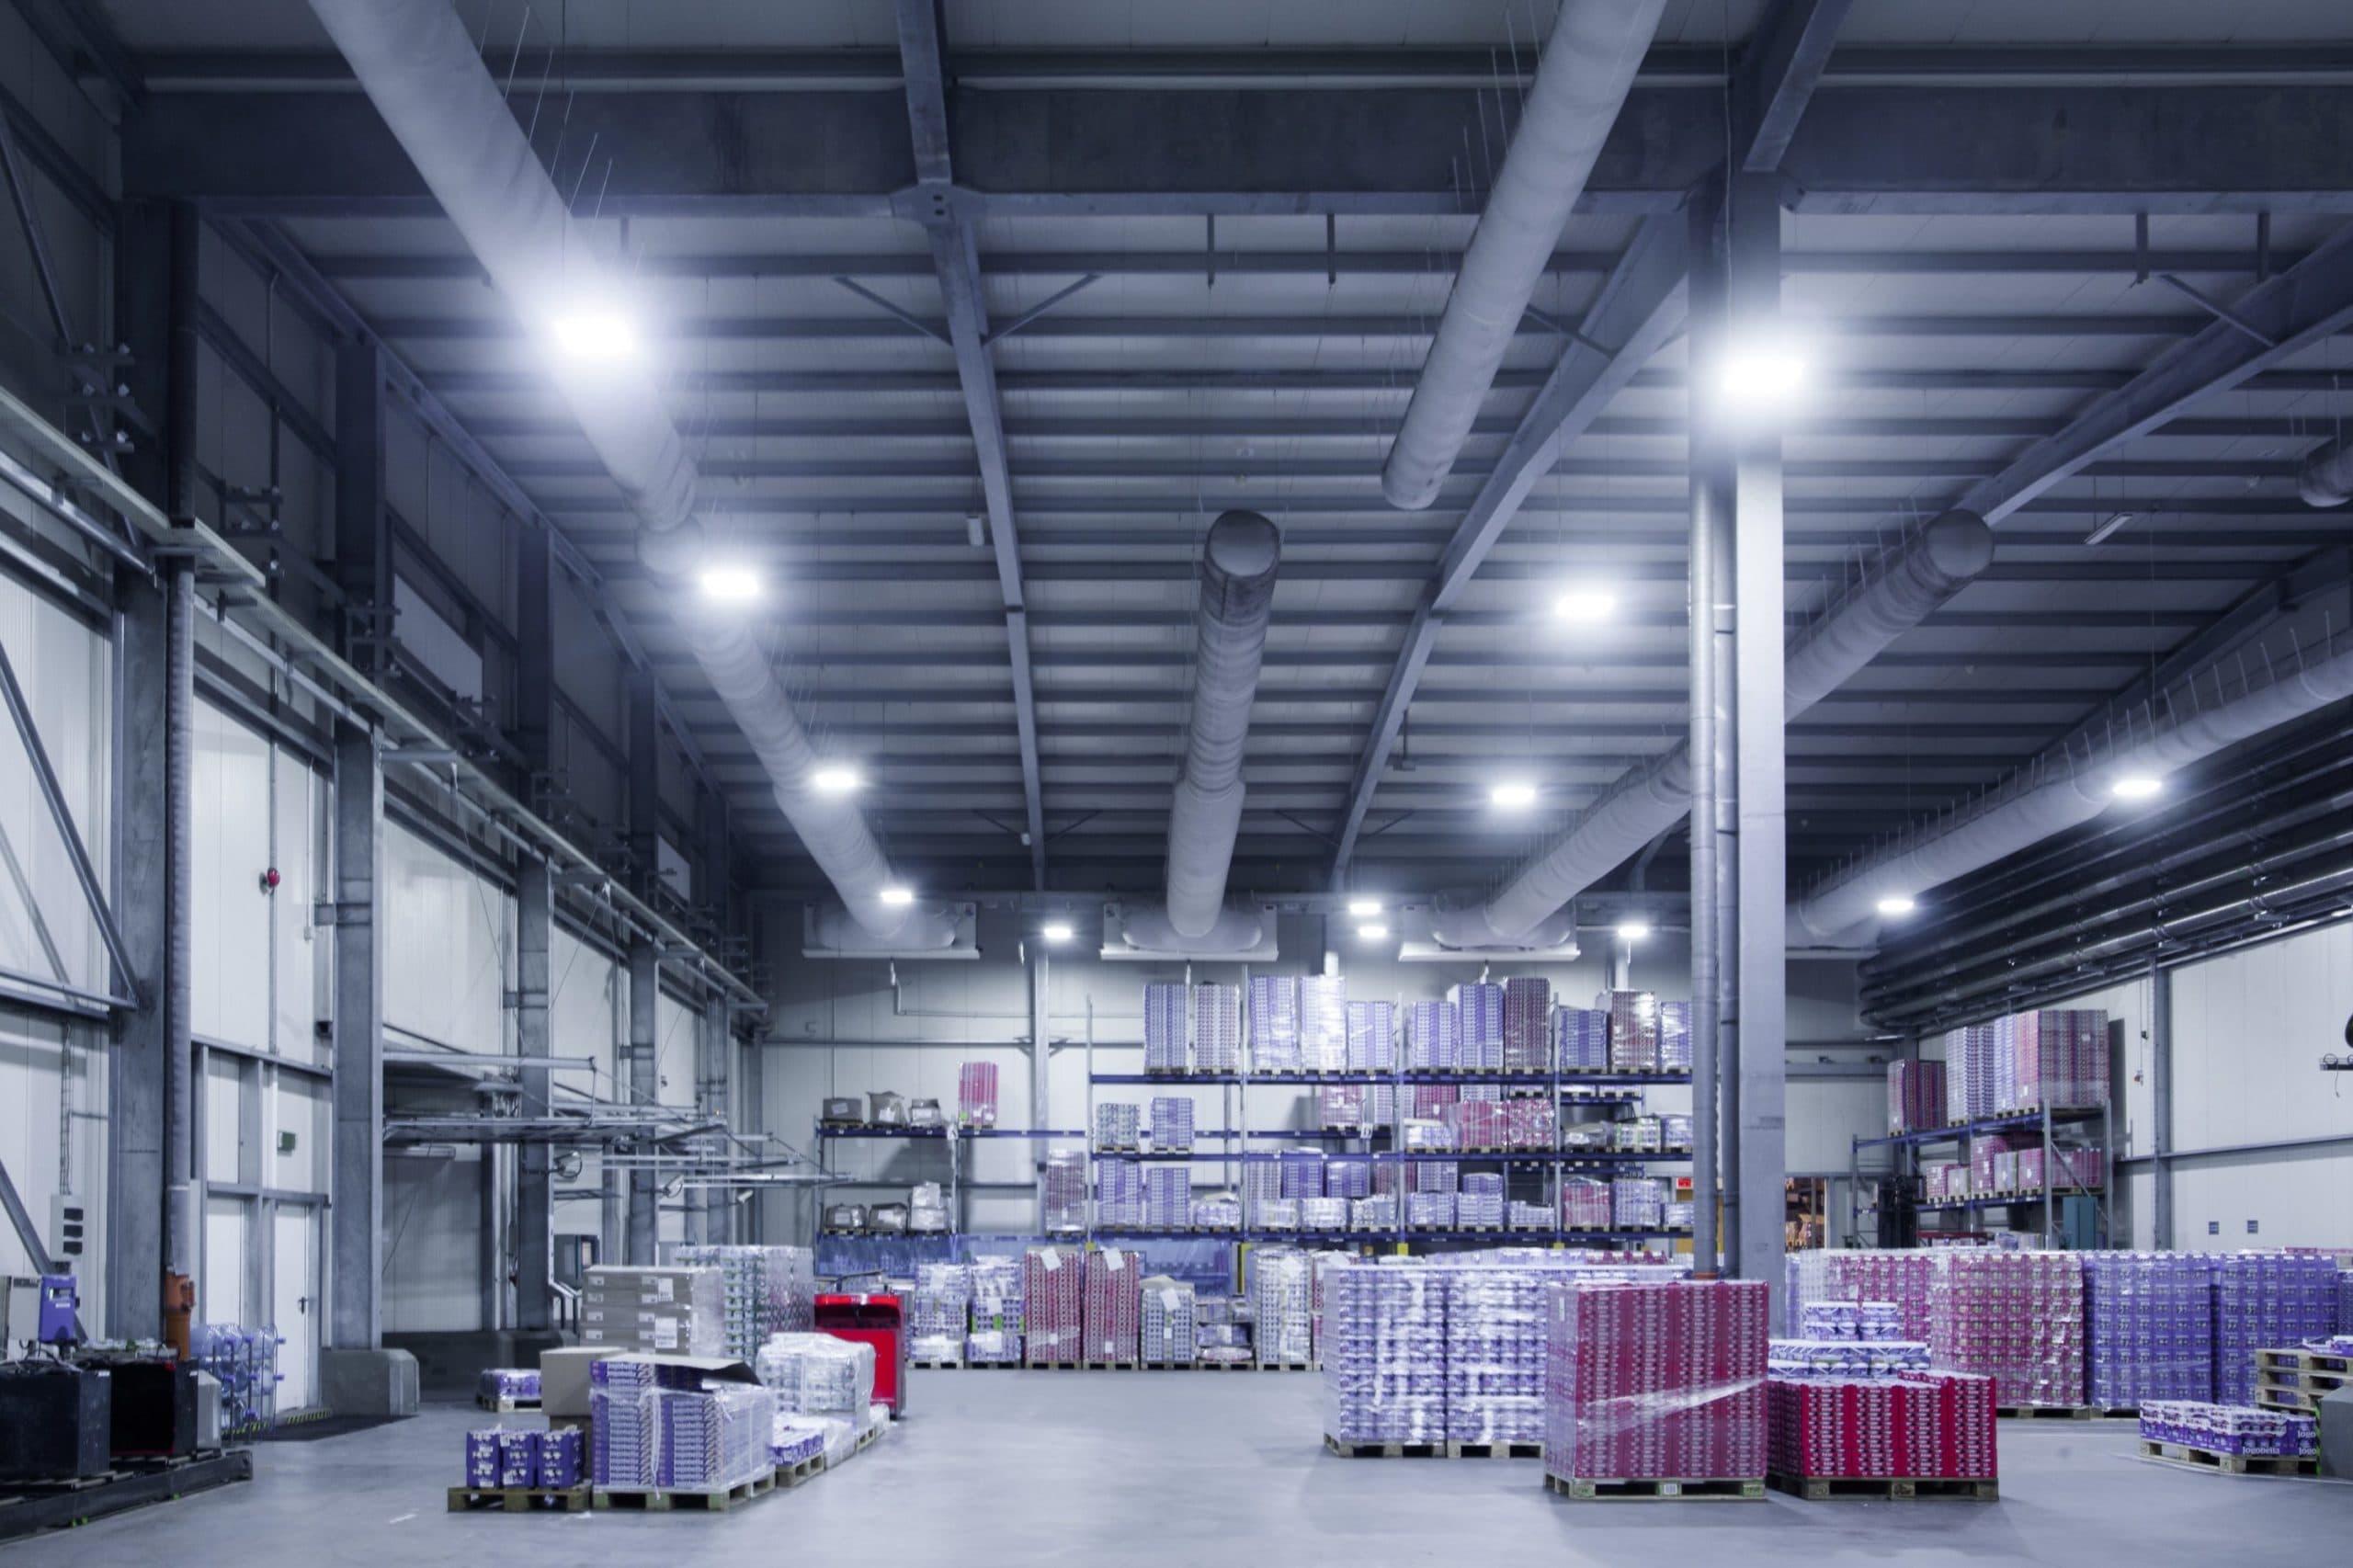 Oprawy Highbay w magazynie firmy Zott - Luxon LED